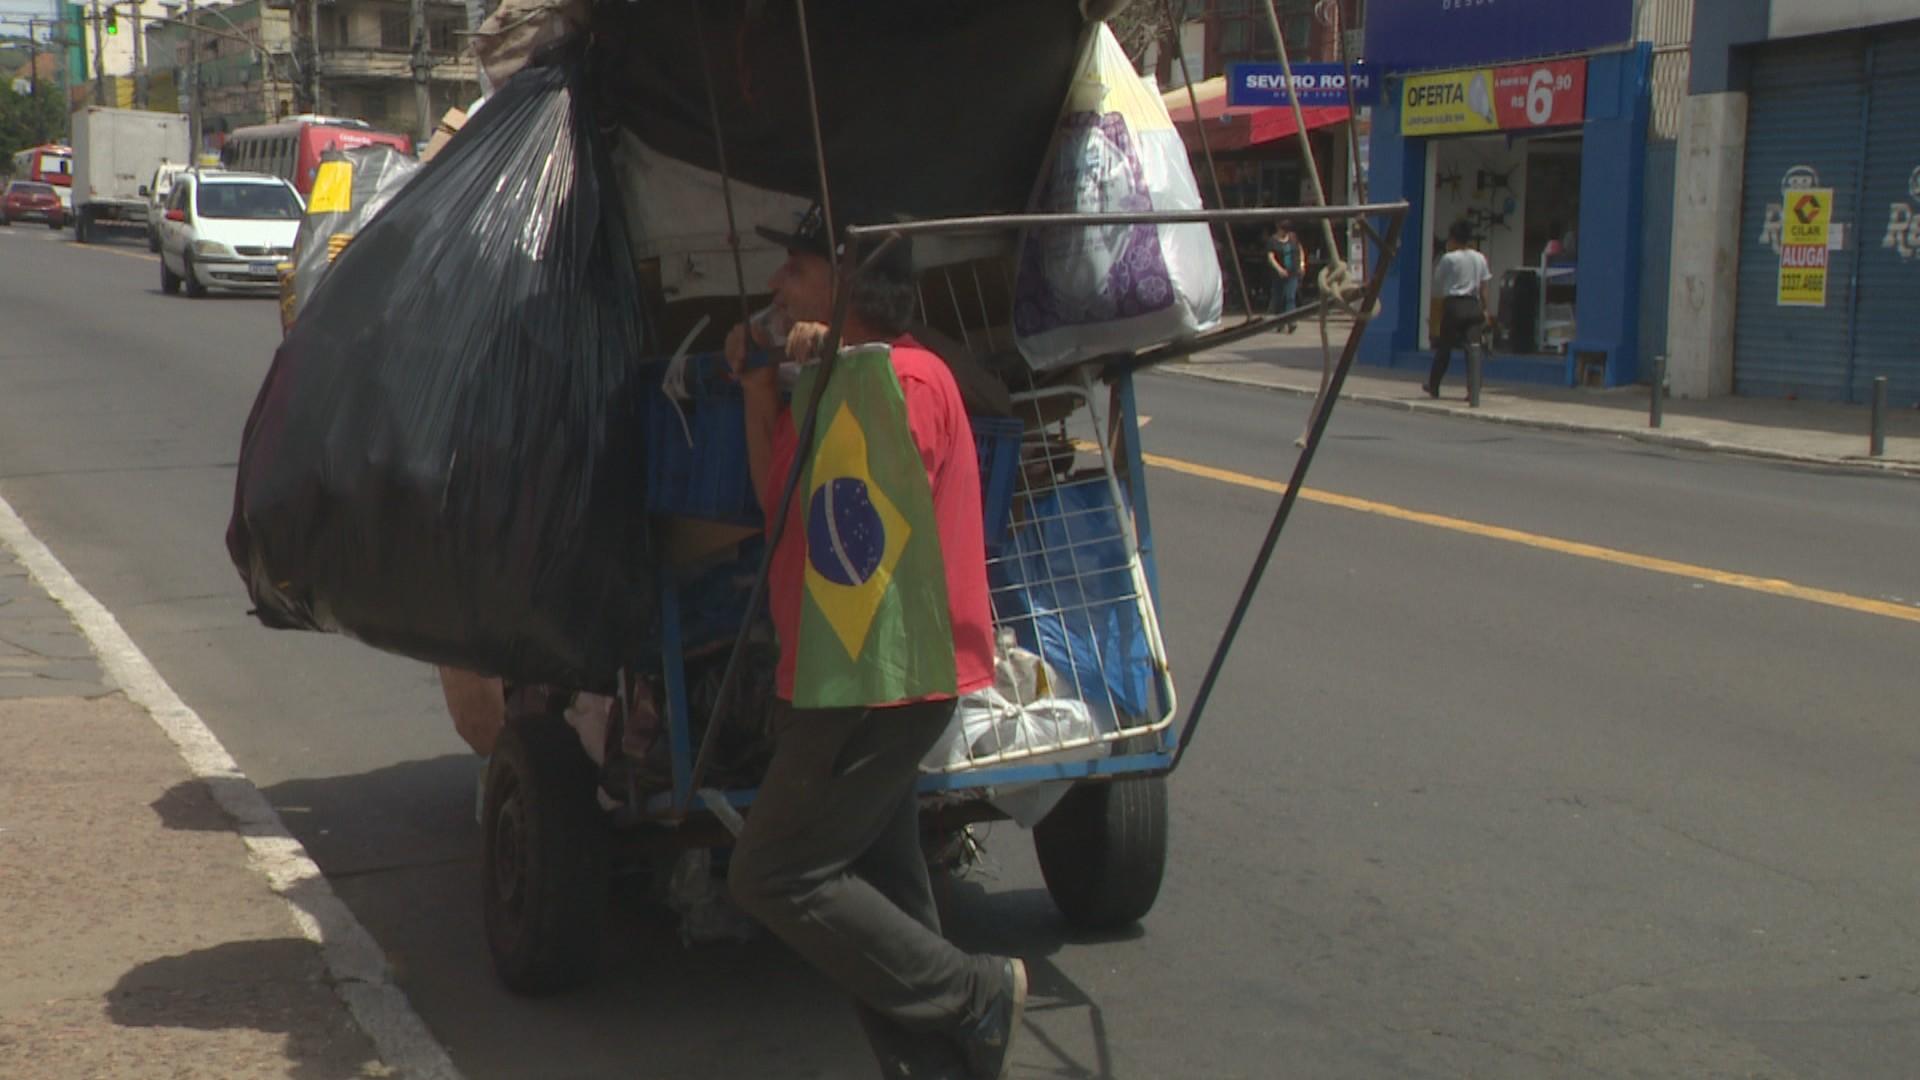 RS tem 8% da população vivendo em situação de extrema pobreza, aponta estudo